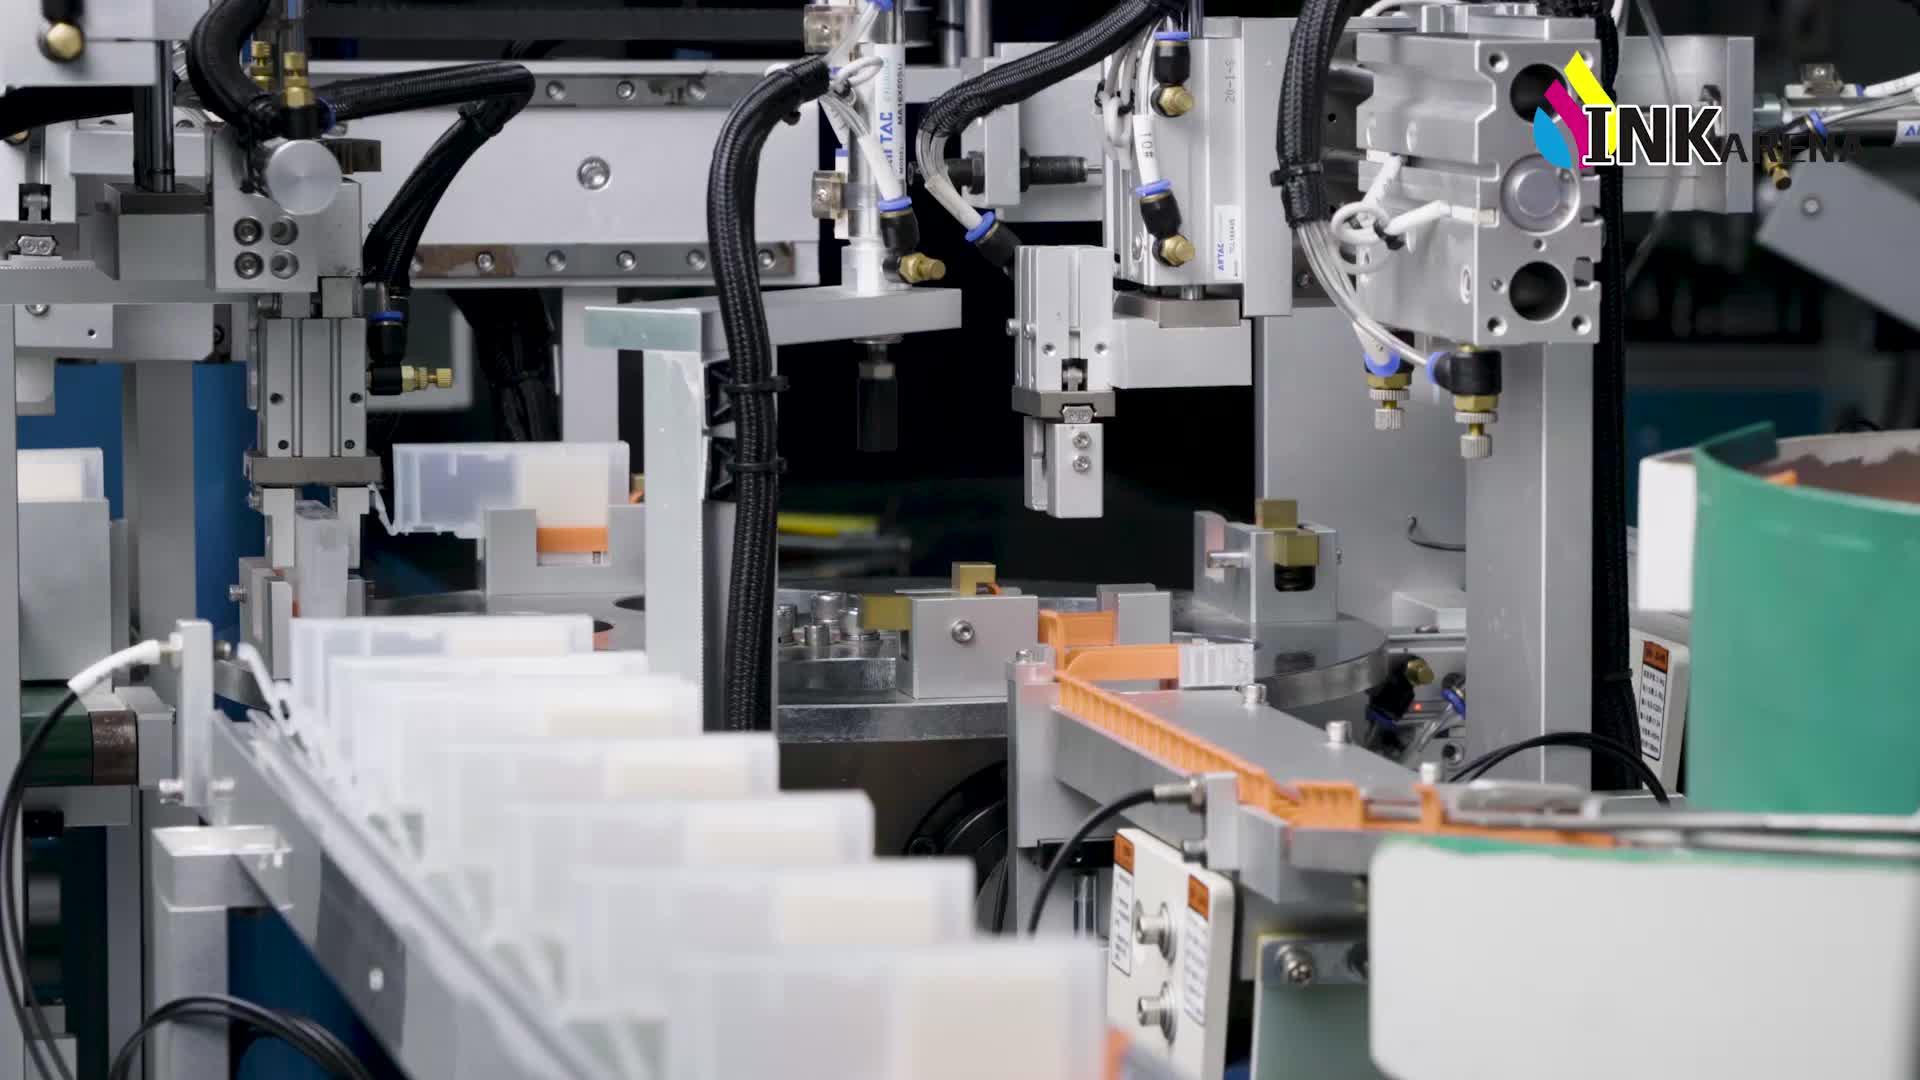 INKARENA Substituição Do Cartucho de tinta Recarregáveis Para HP 564 Recarga 3070A Deskjet 3520 Impressora Jato de tinta